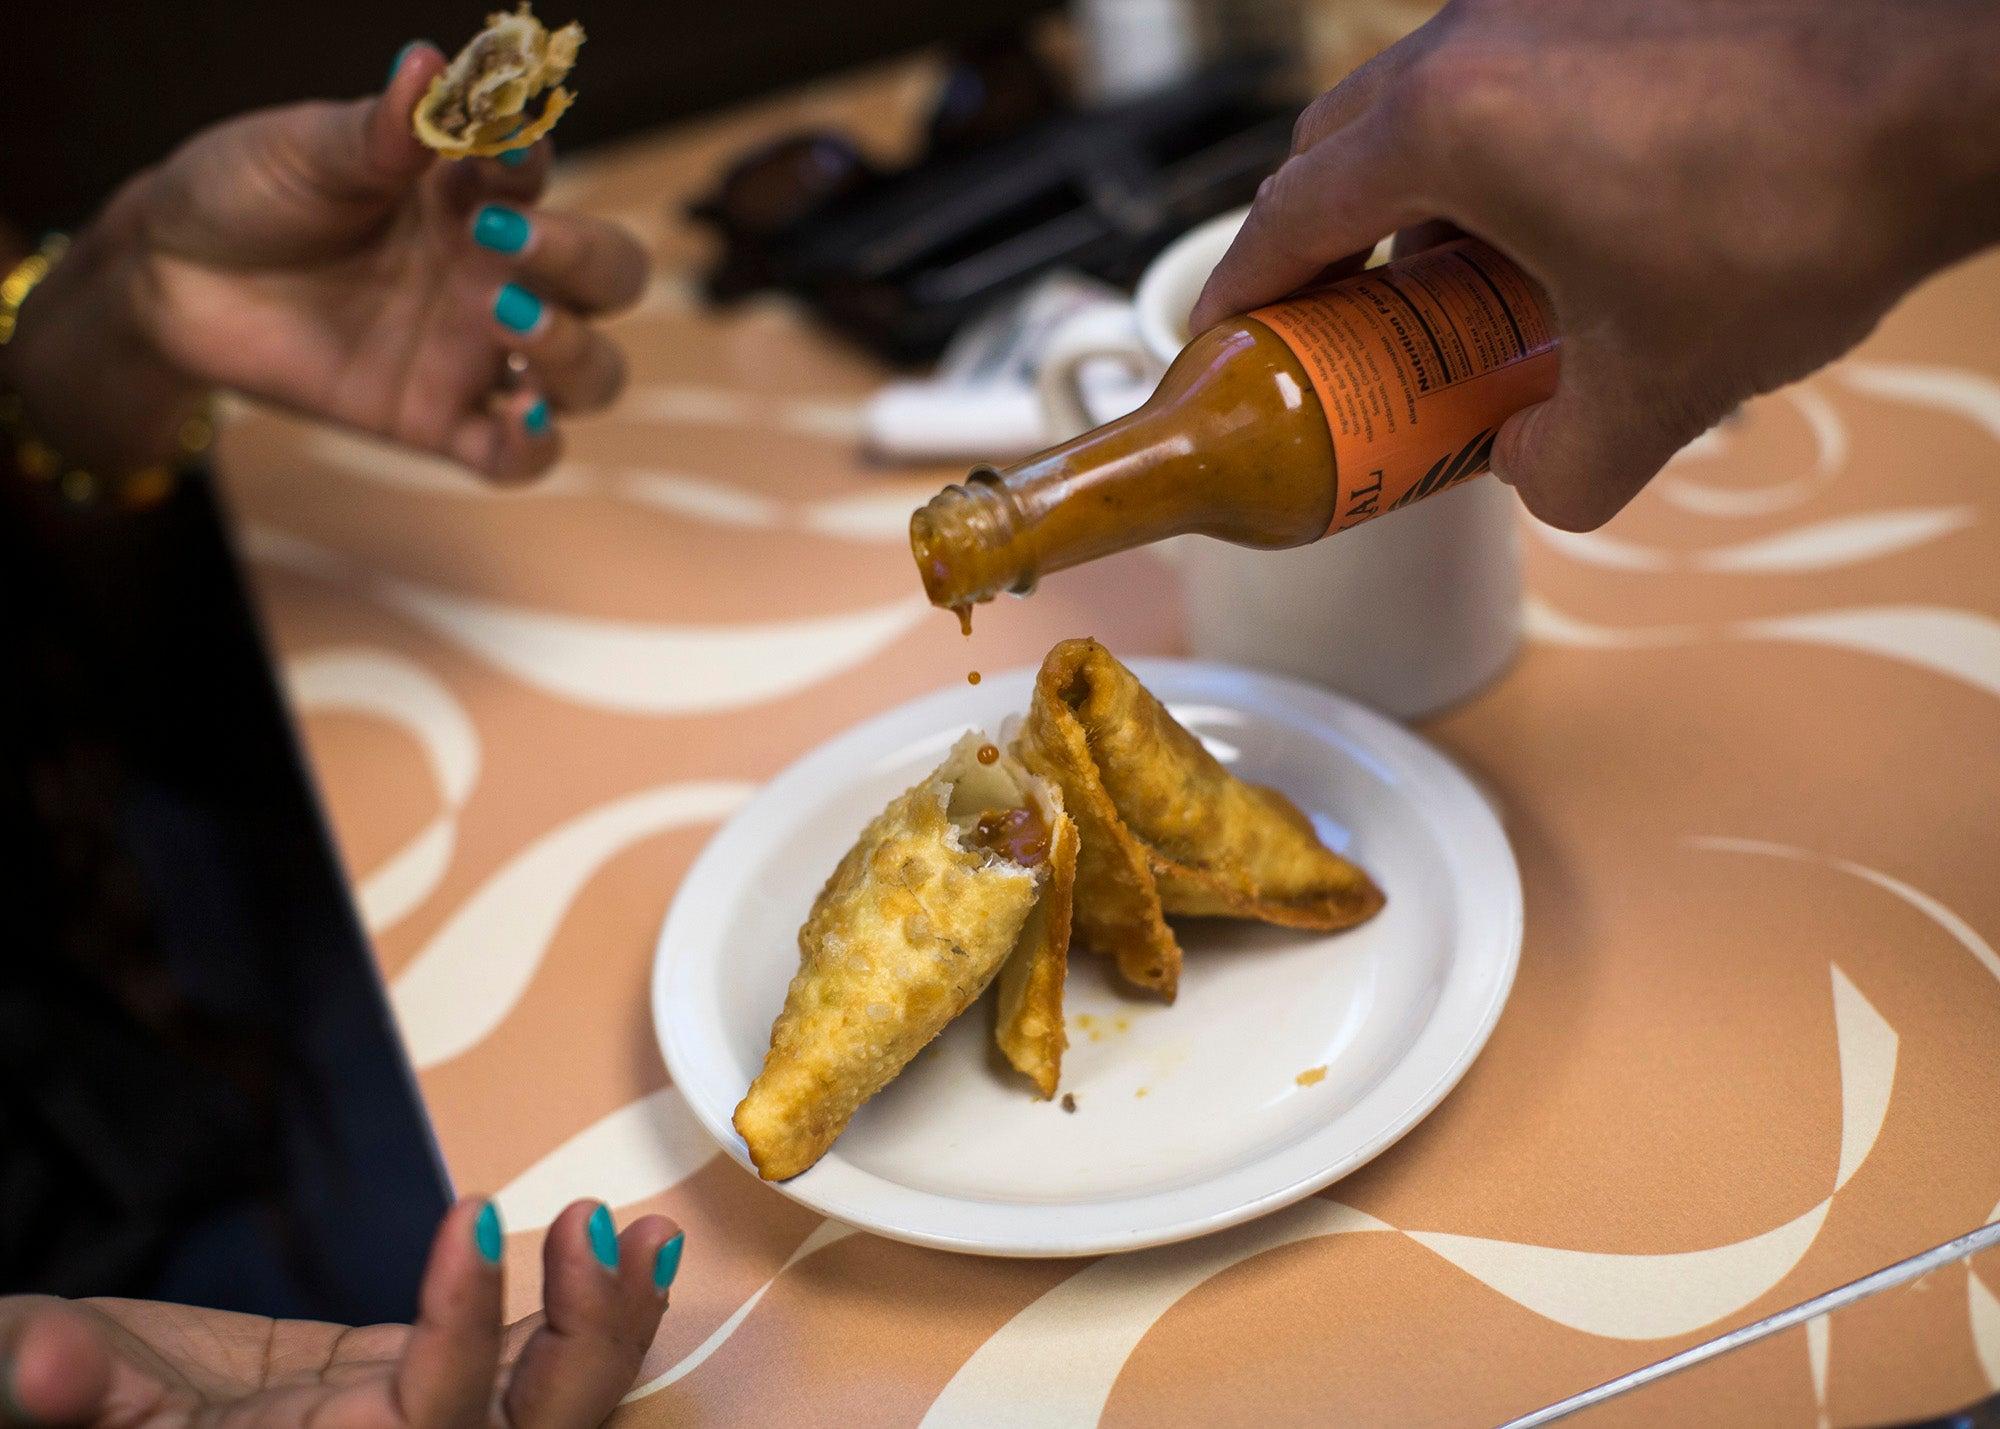 Tawakal Halal Cafe's hot sauce